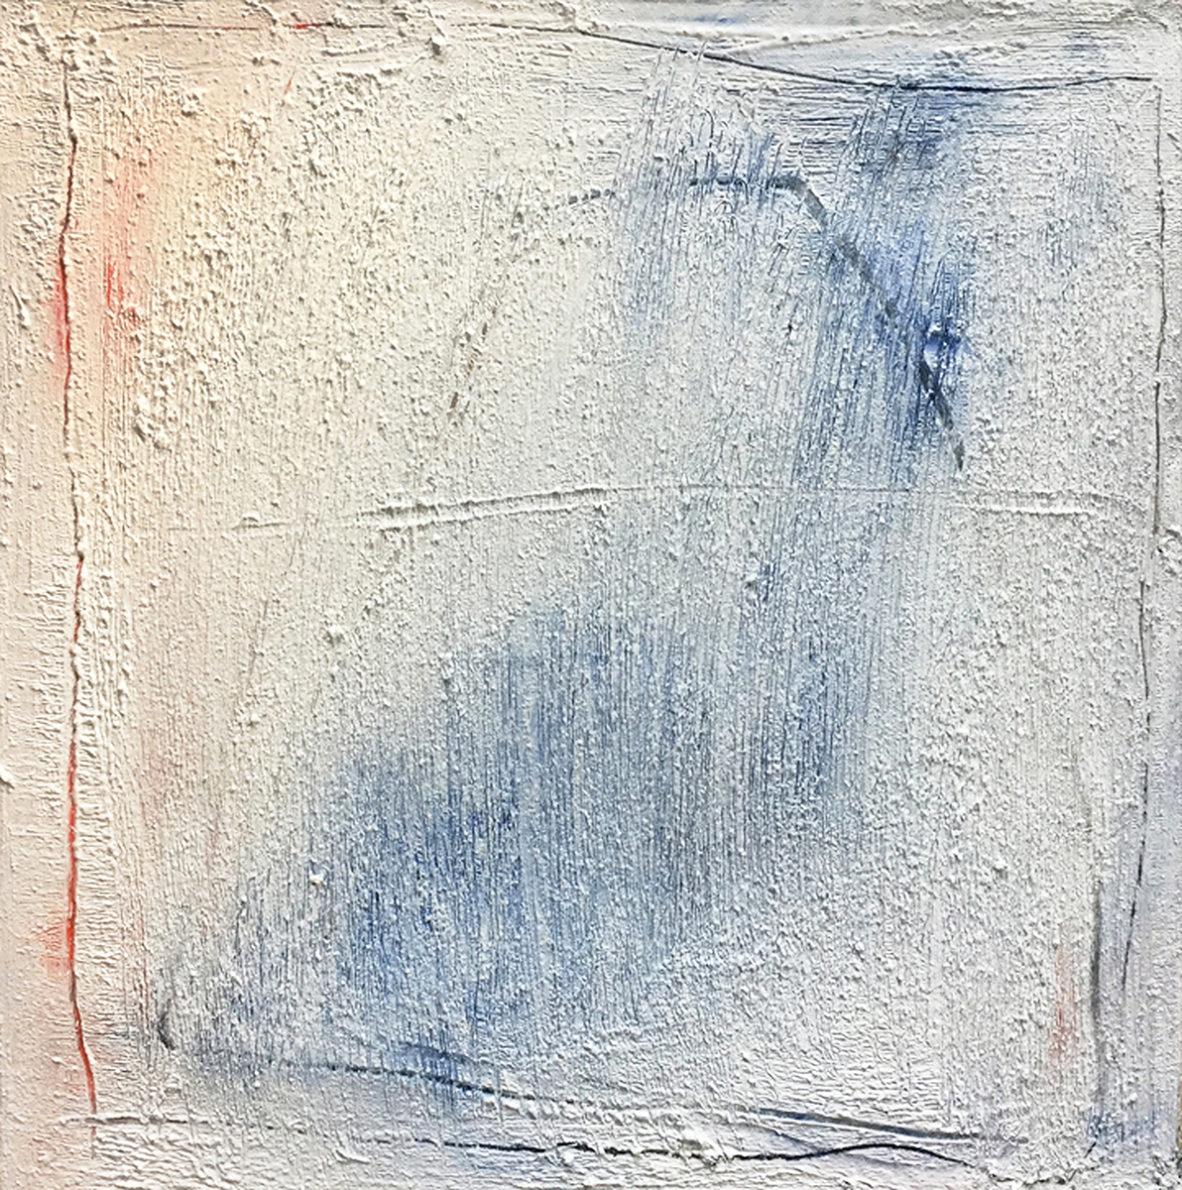 MARC FELD 2017 ALEPH Huile, pigment et acrylique sur toile 60 x 60 cm